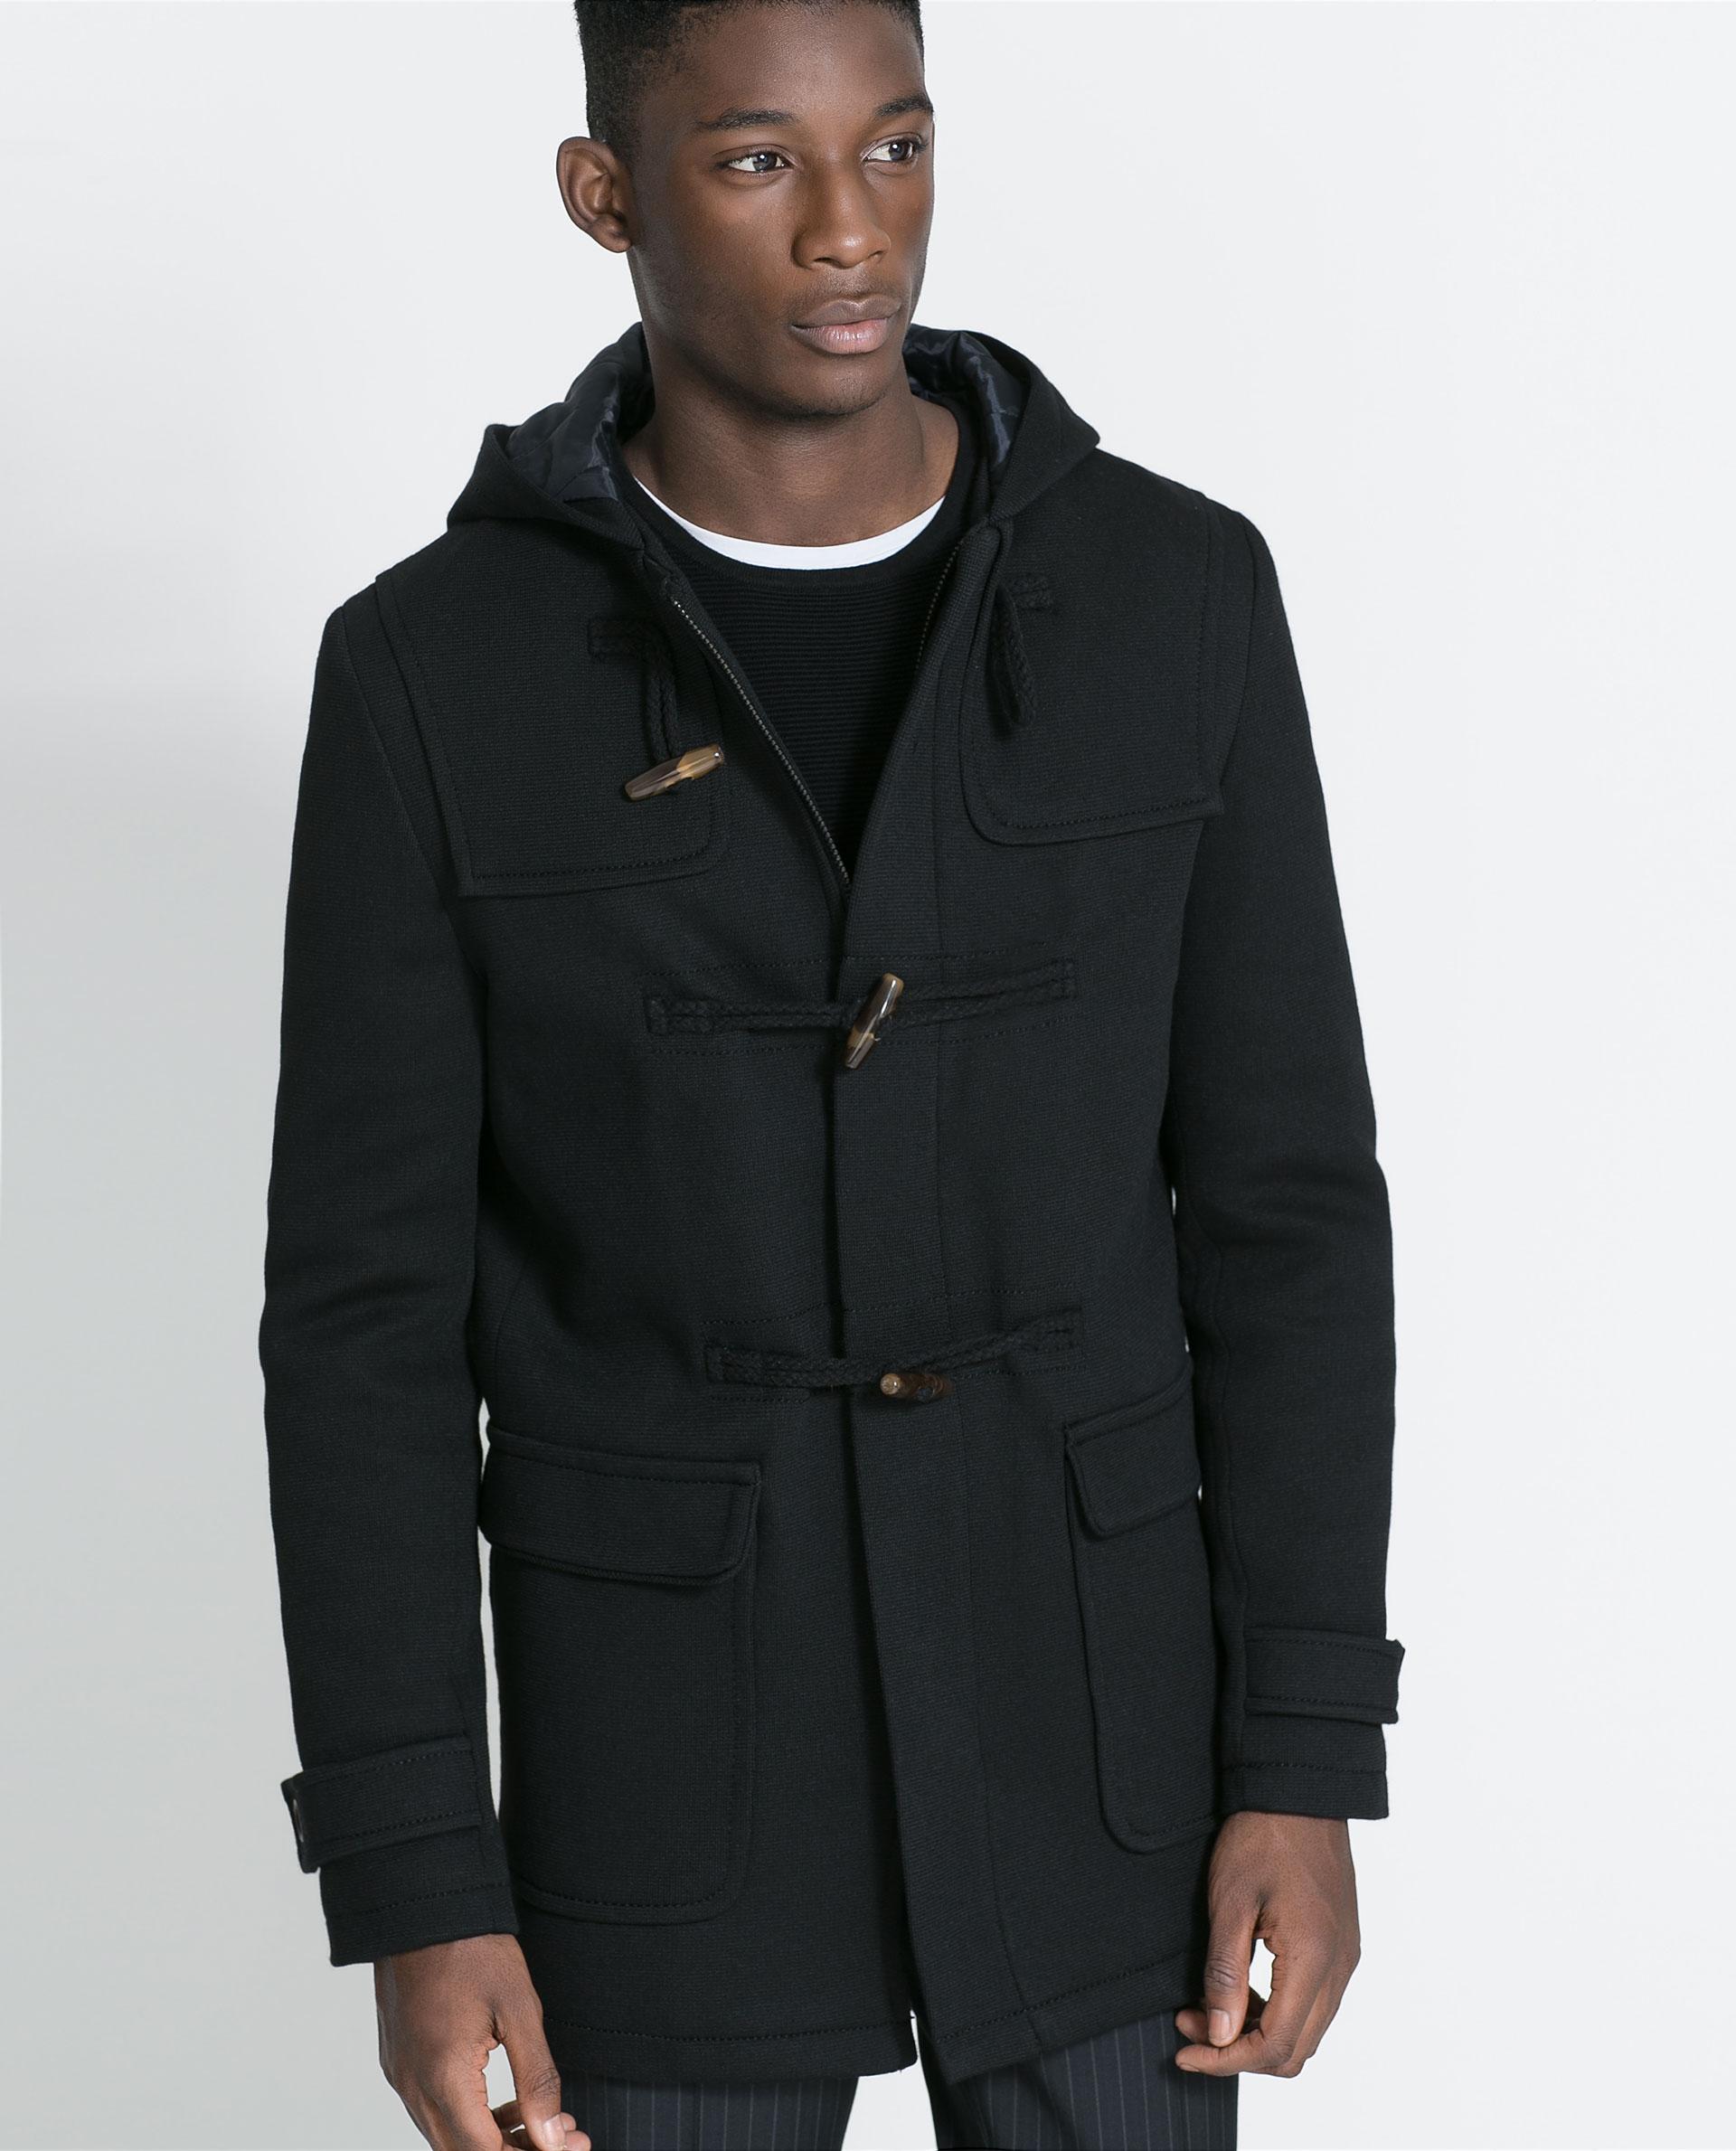 Zara Knit Duffle Coat in Black for Men | Lyst